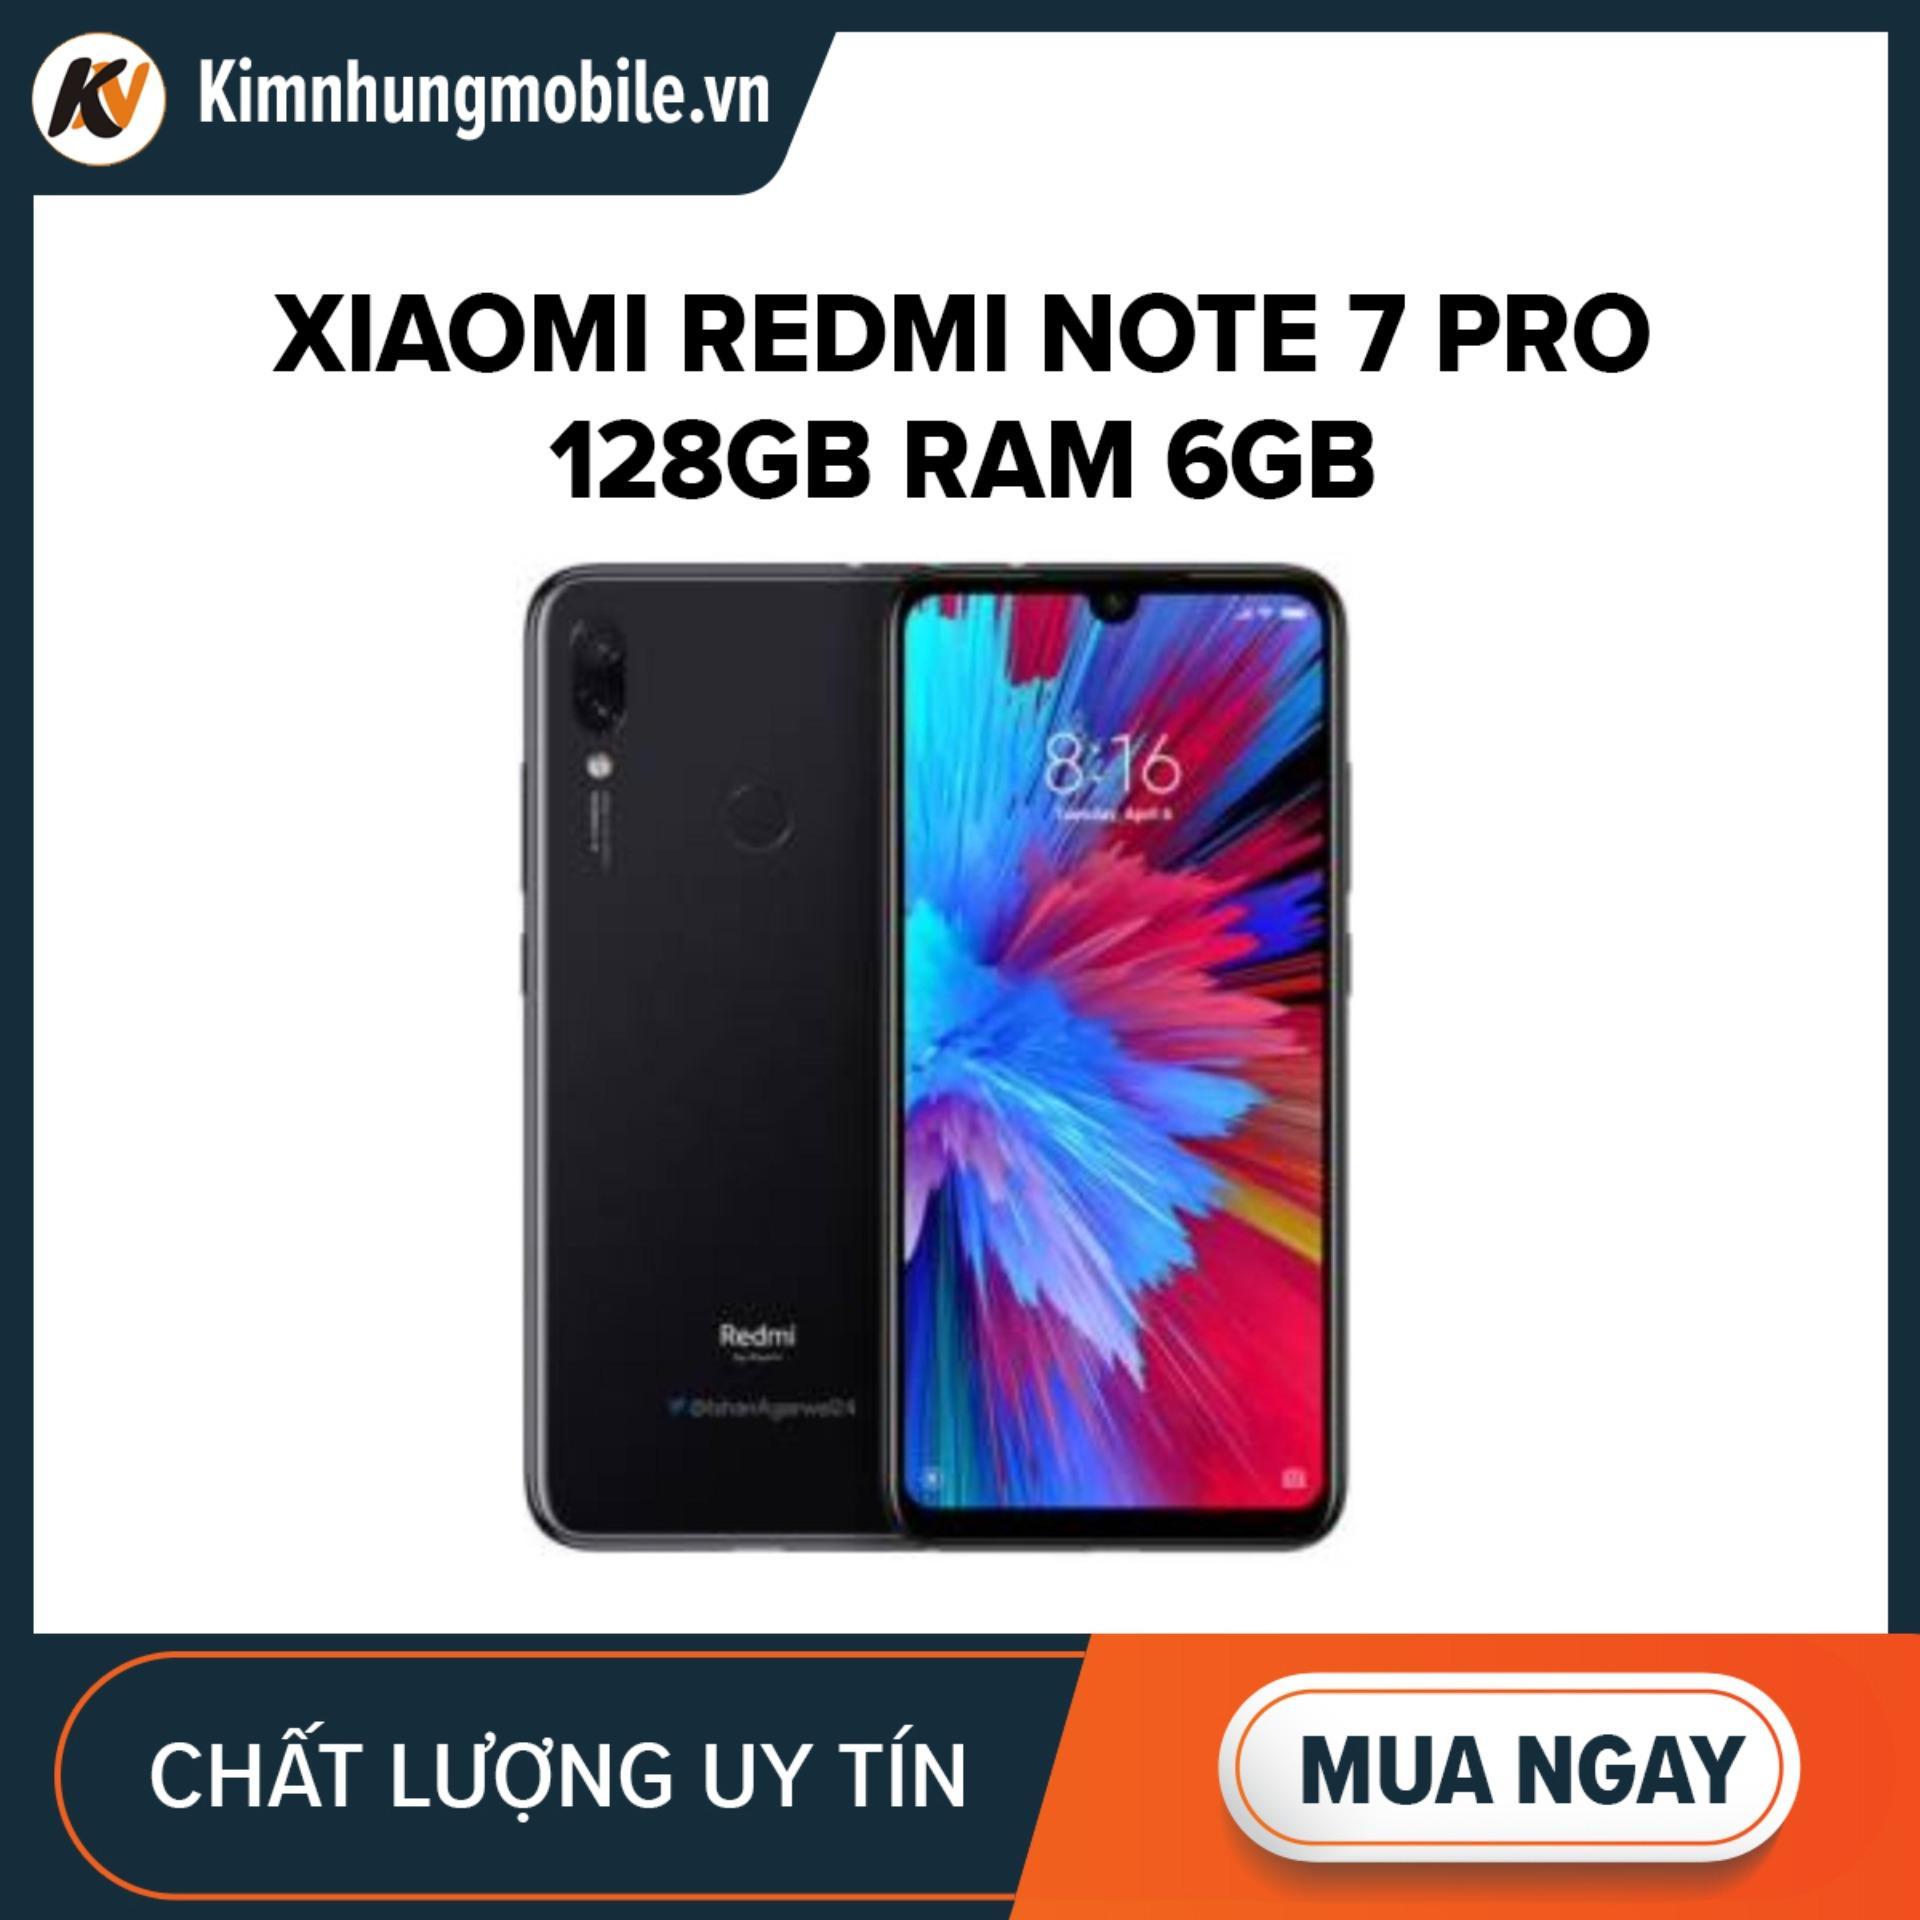 Xiaomi Redmi Note 7 Pro 128GB Ram 6GB Kim Nhung (Đen)